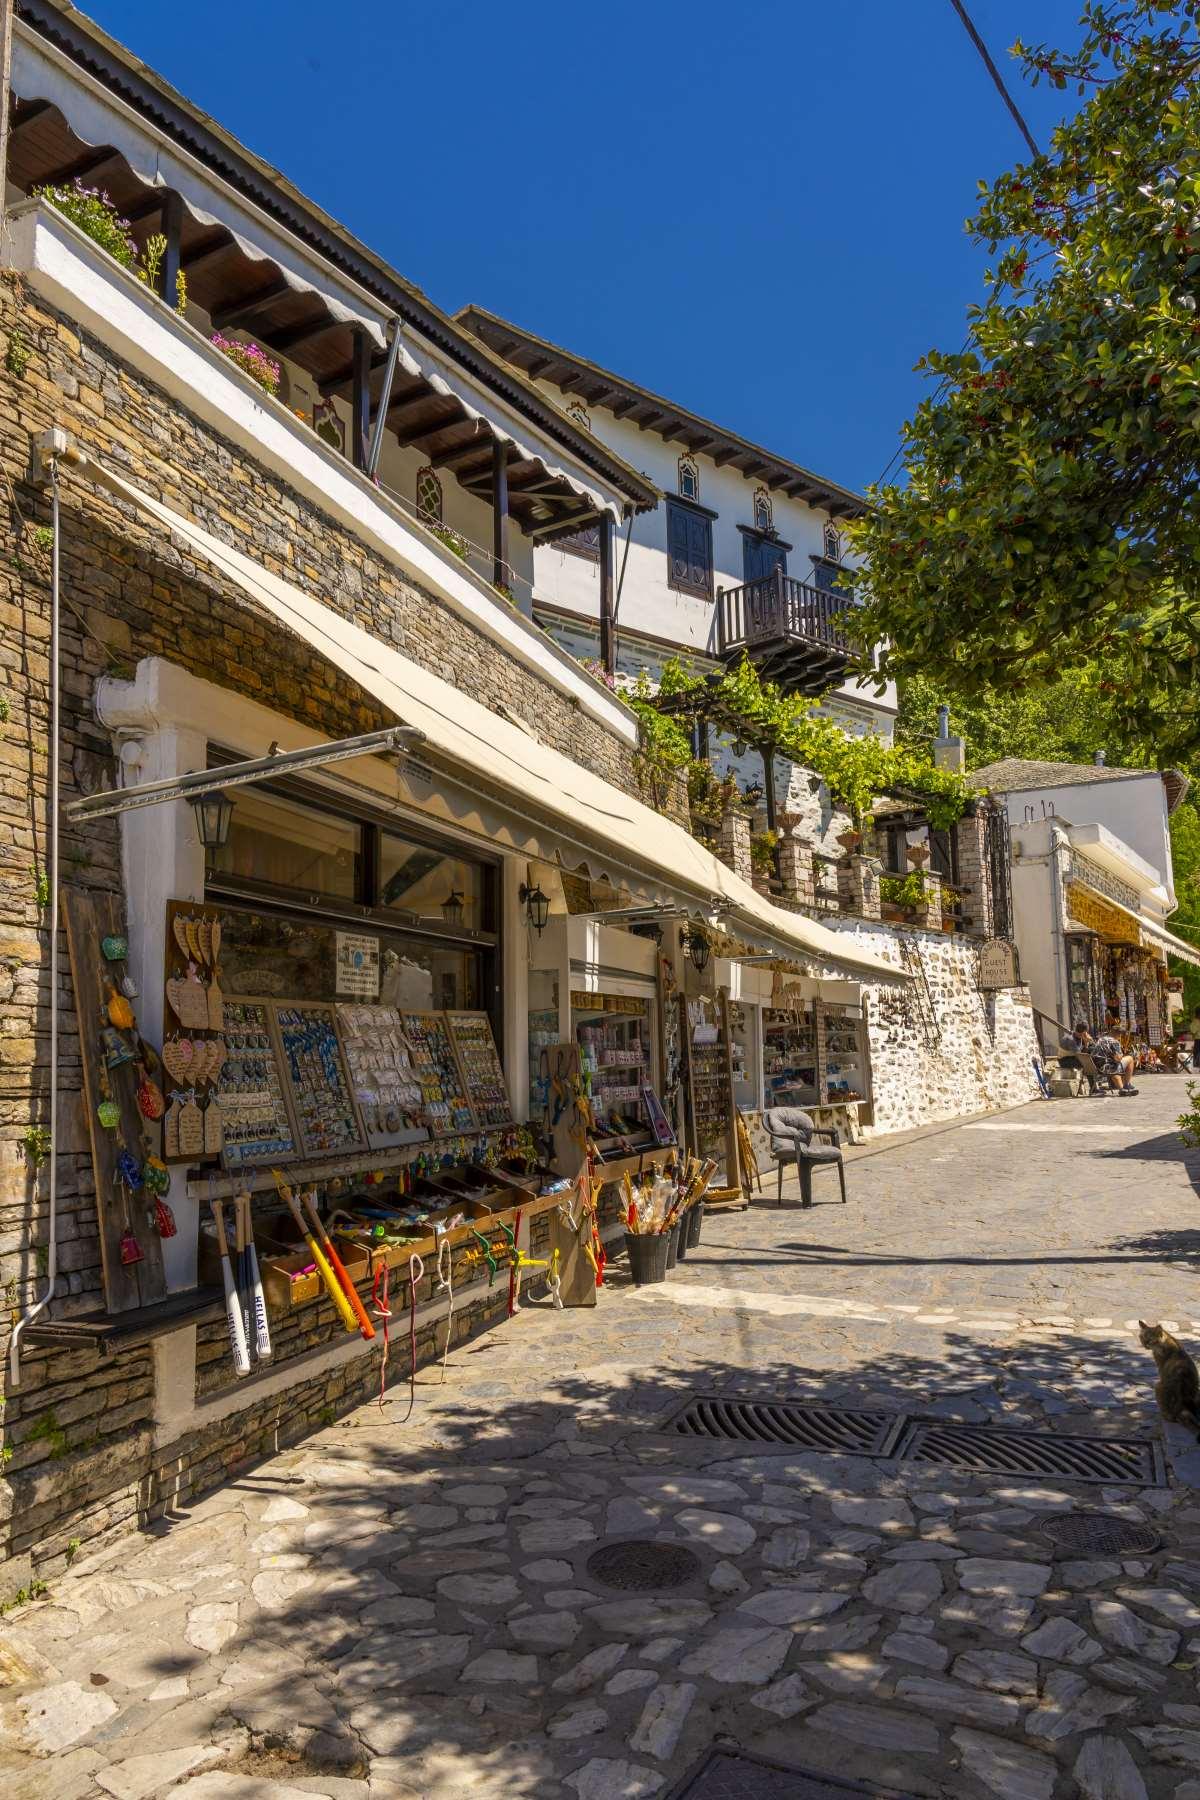 Τουριστικά μαγαζάκια στη Μακρινίτσα